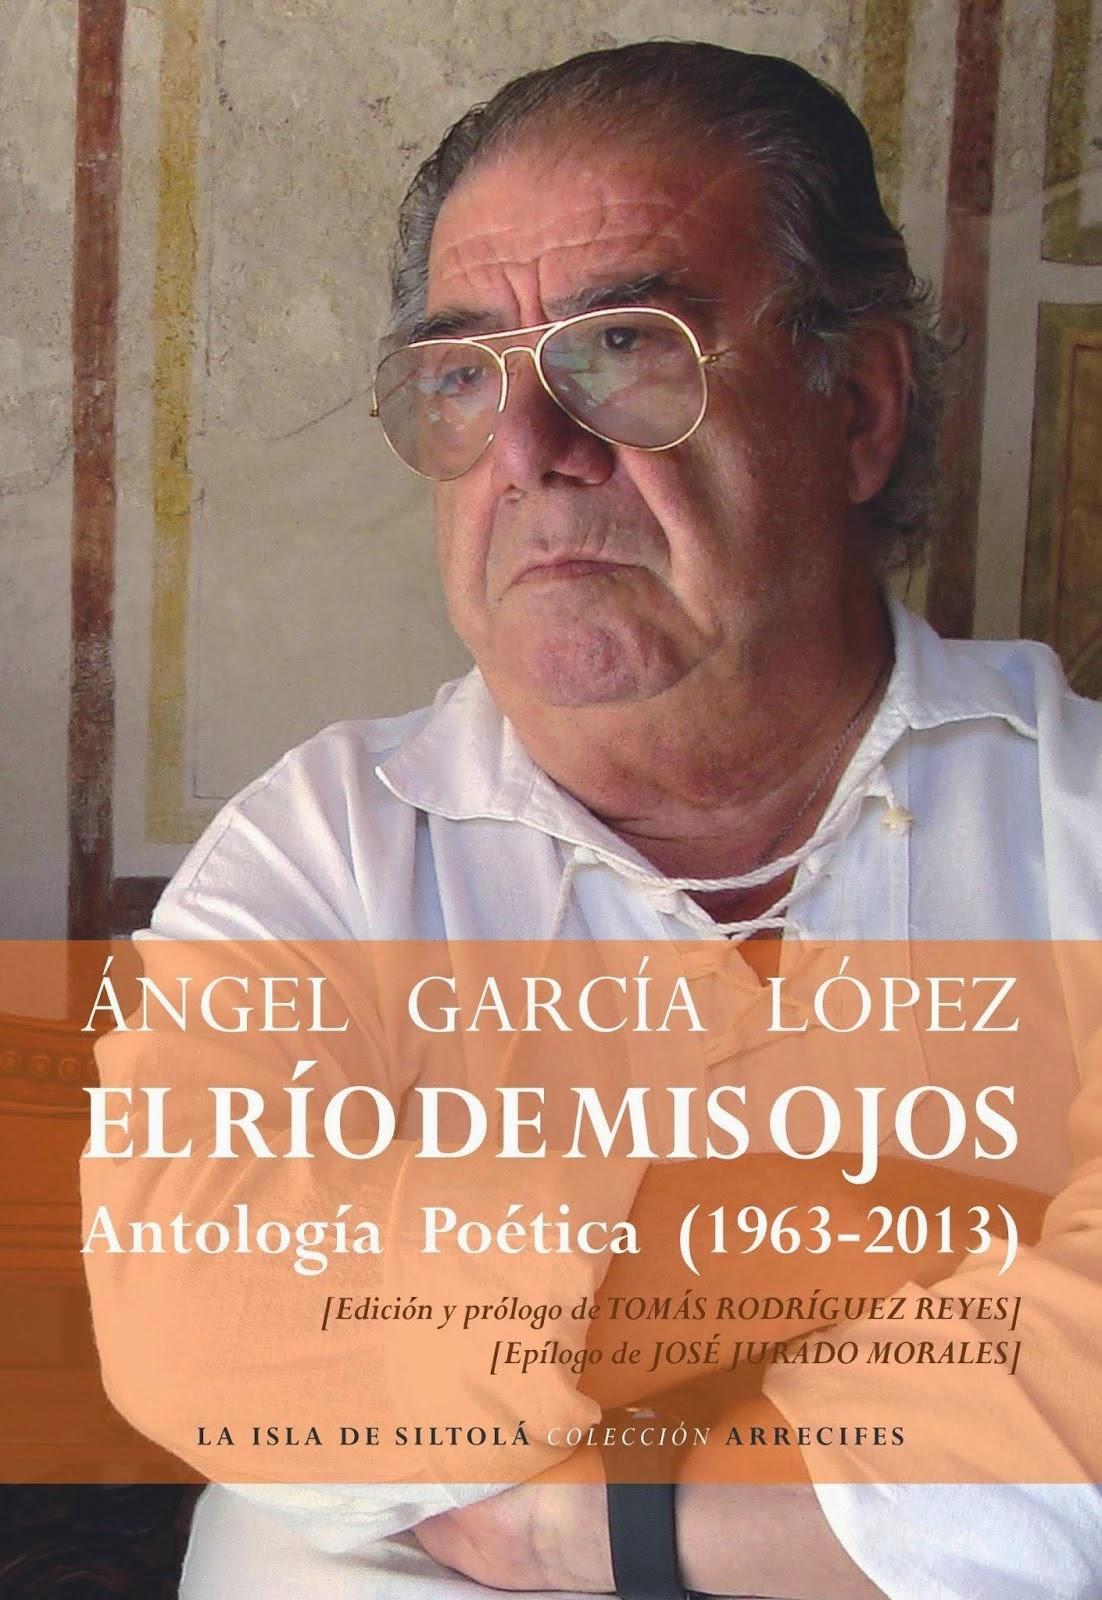 Edición e introducción de El río de mis ojos, antología de Ángel García López.